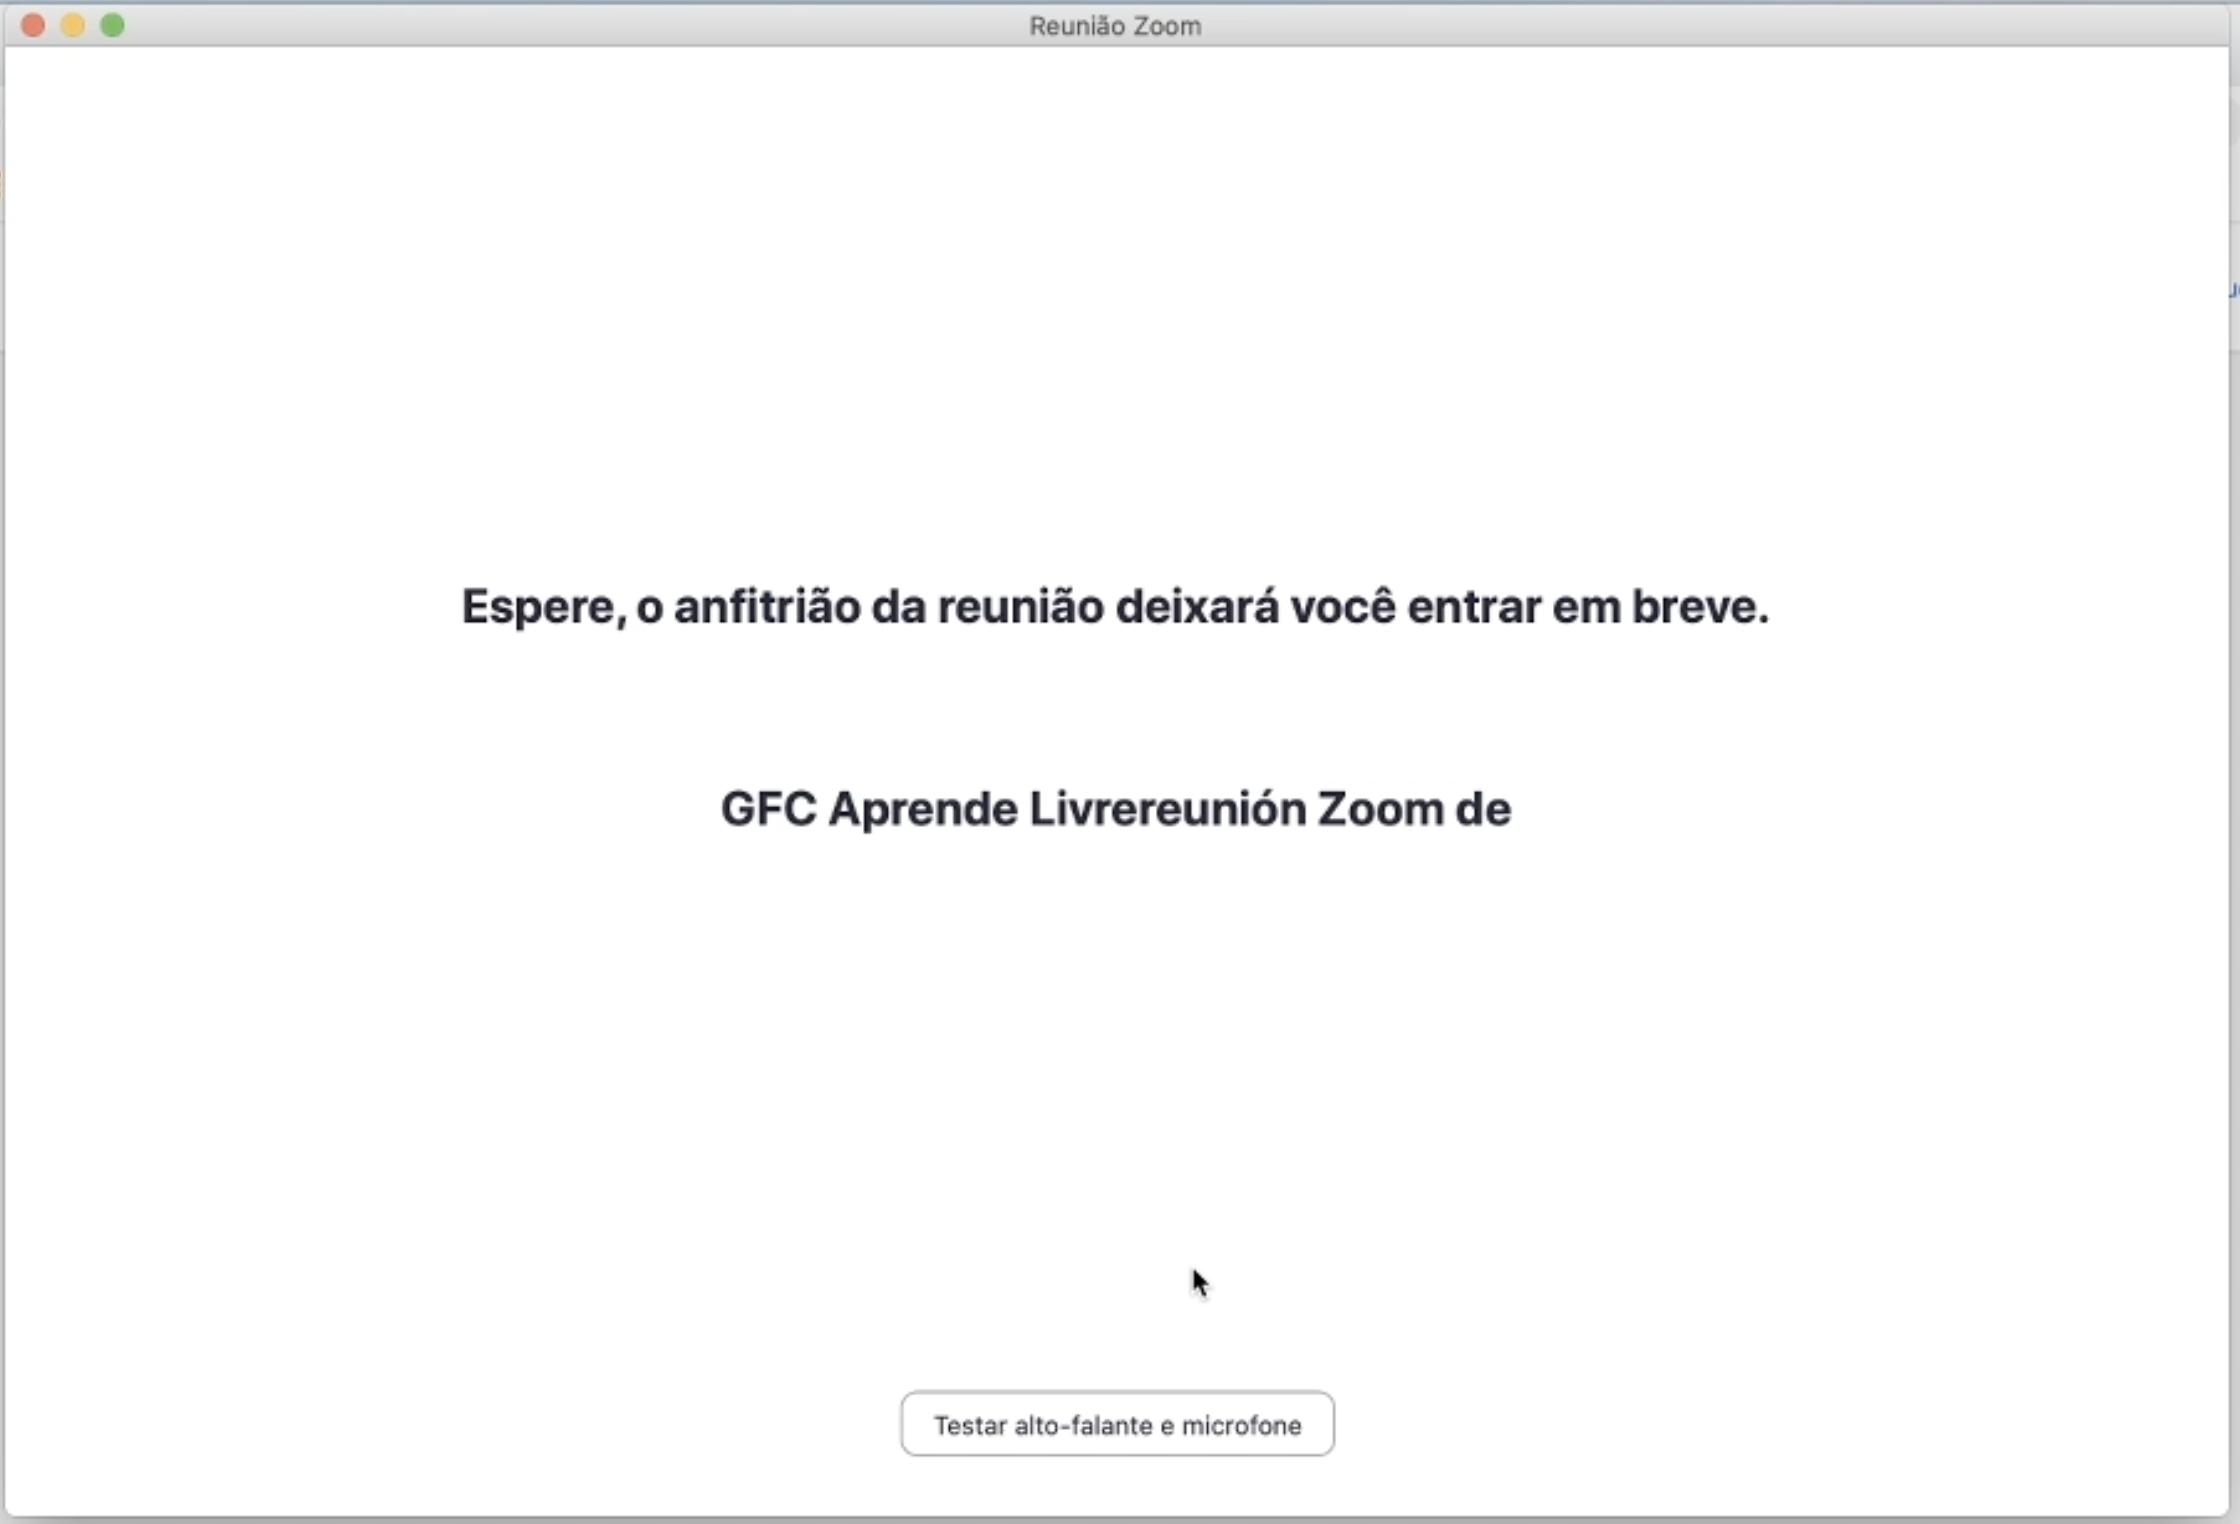 Imagem mostra a tela inicial da sala de espera do Zoom